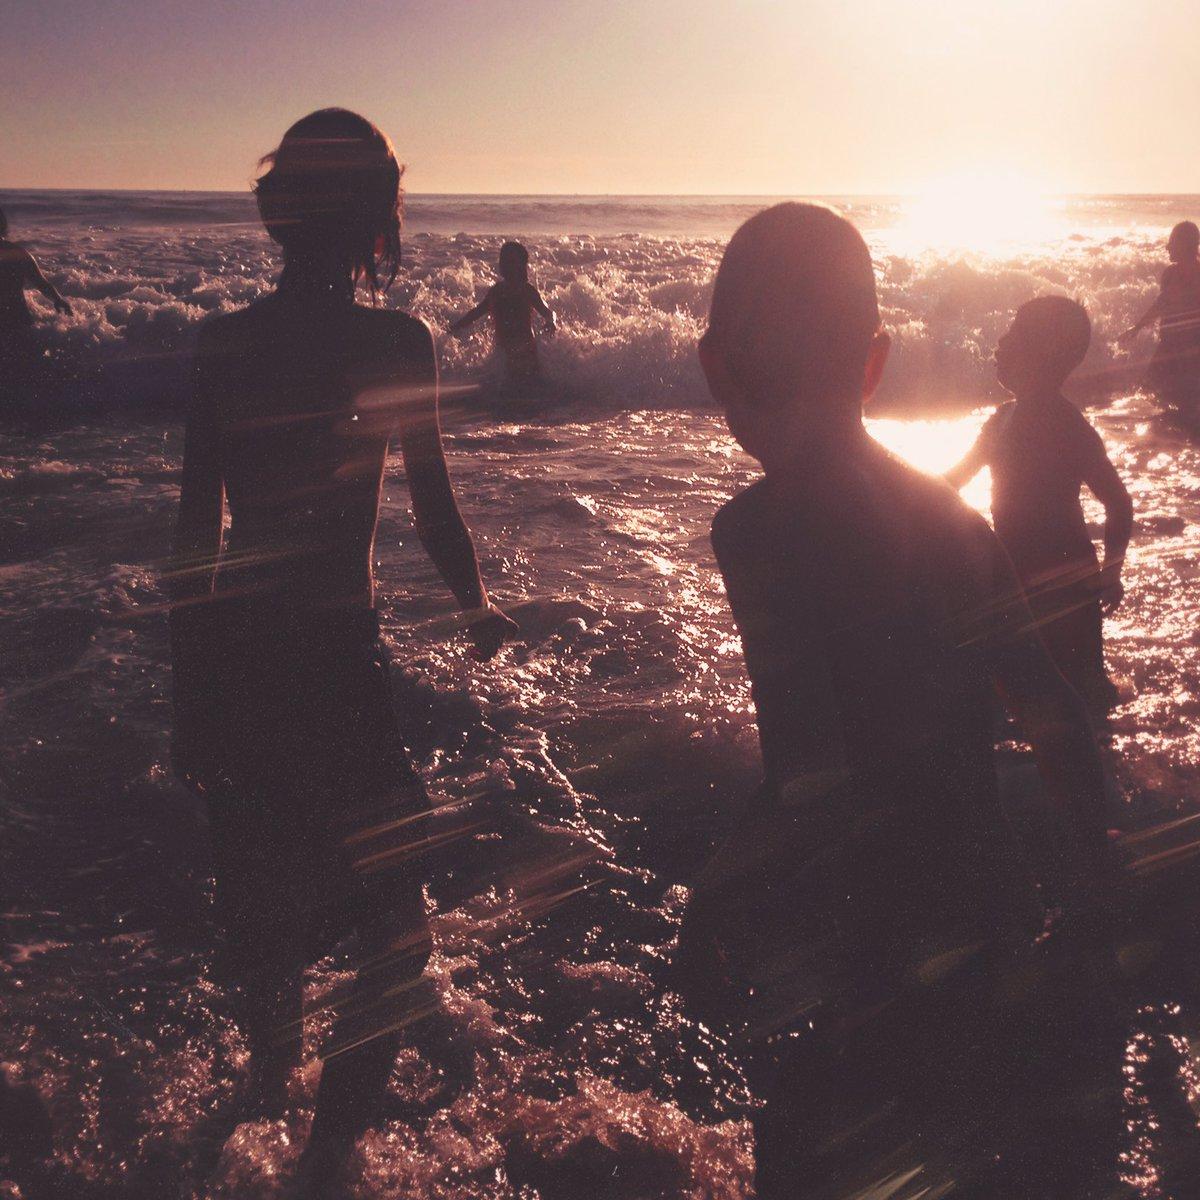 Heavy – Linkin Park